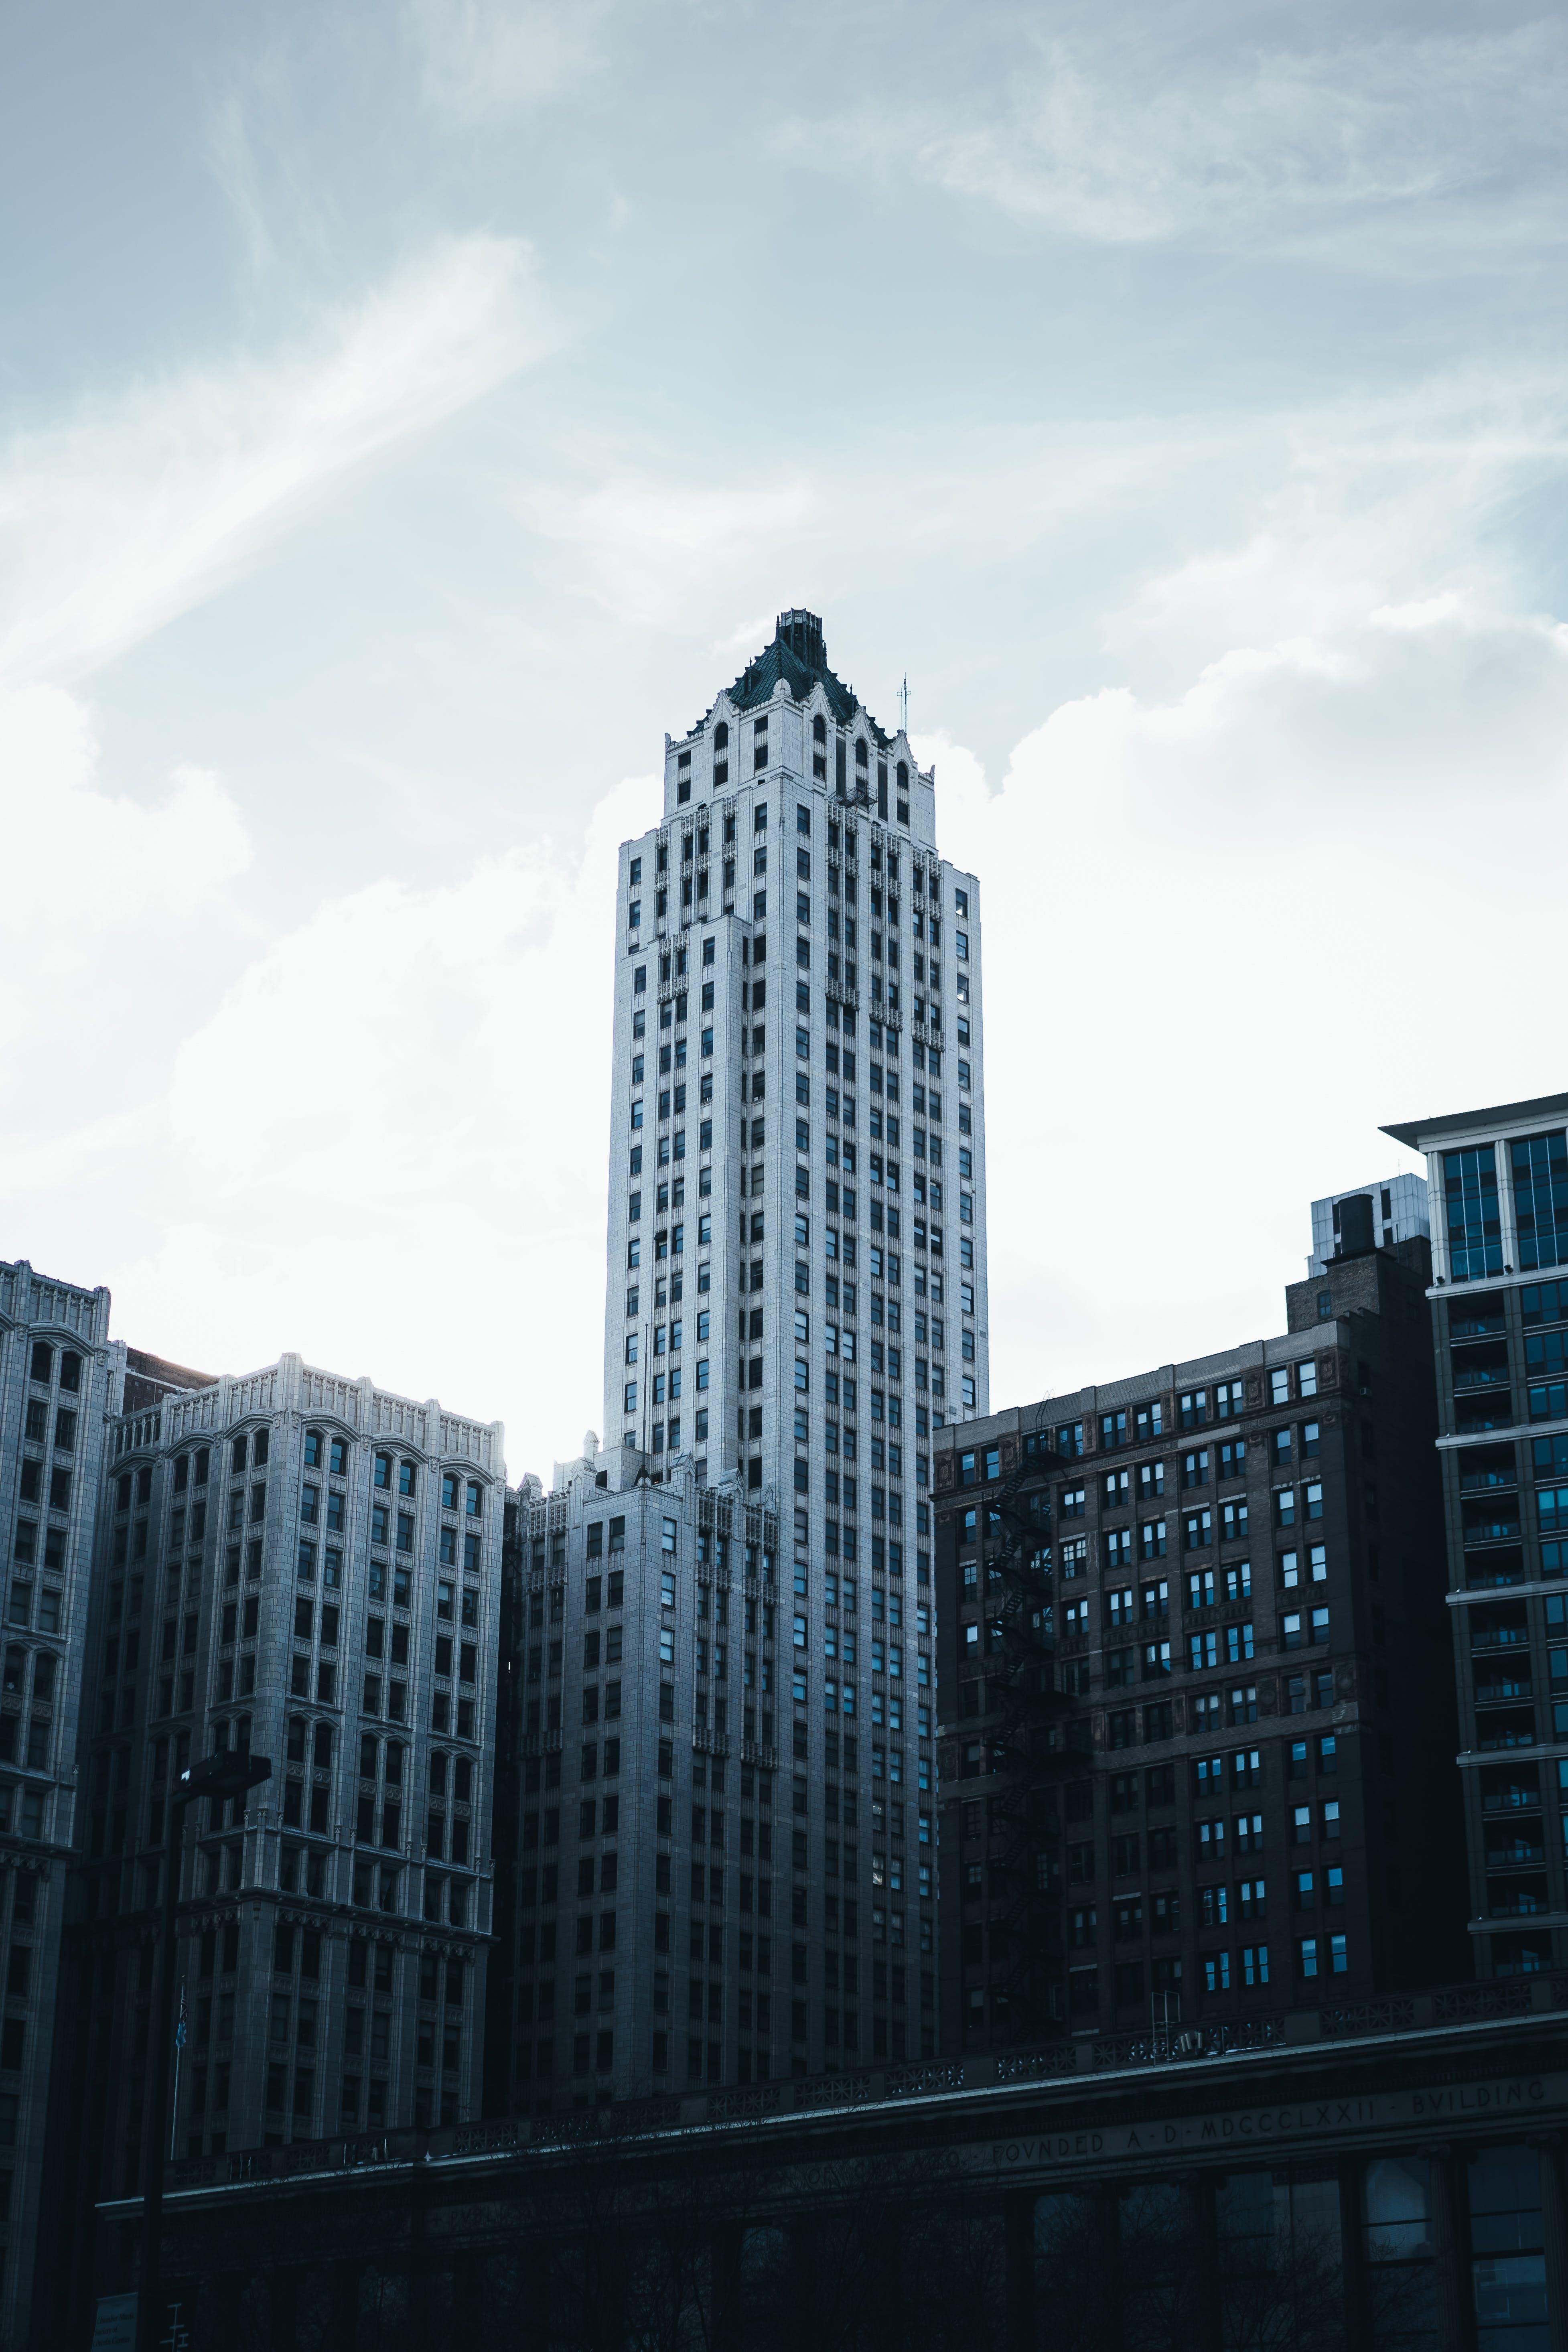 イリノイ州, ガラス窓, シカゴ, シティの無料の写真素材